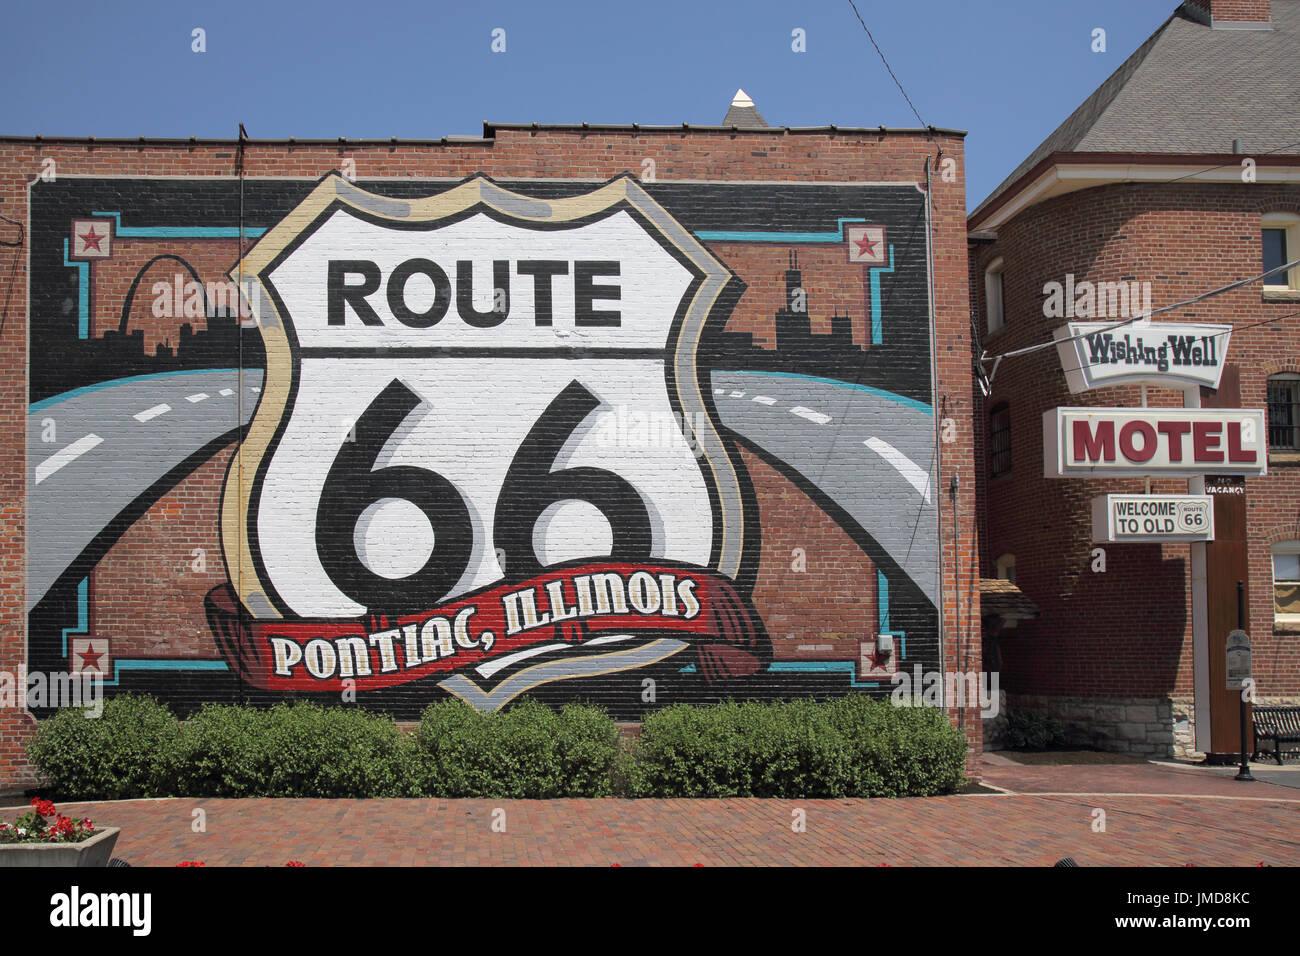 pontiac on route 66 illinois - Stock Image